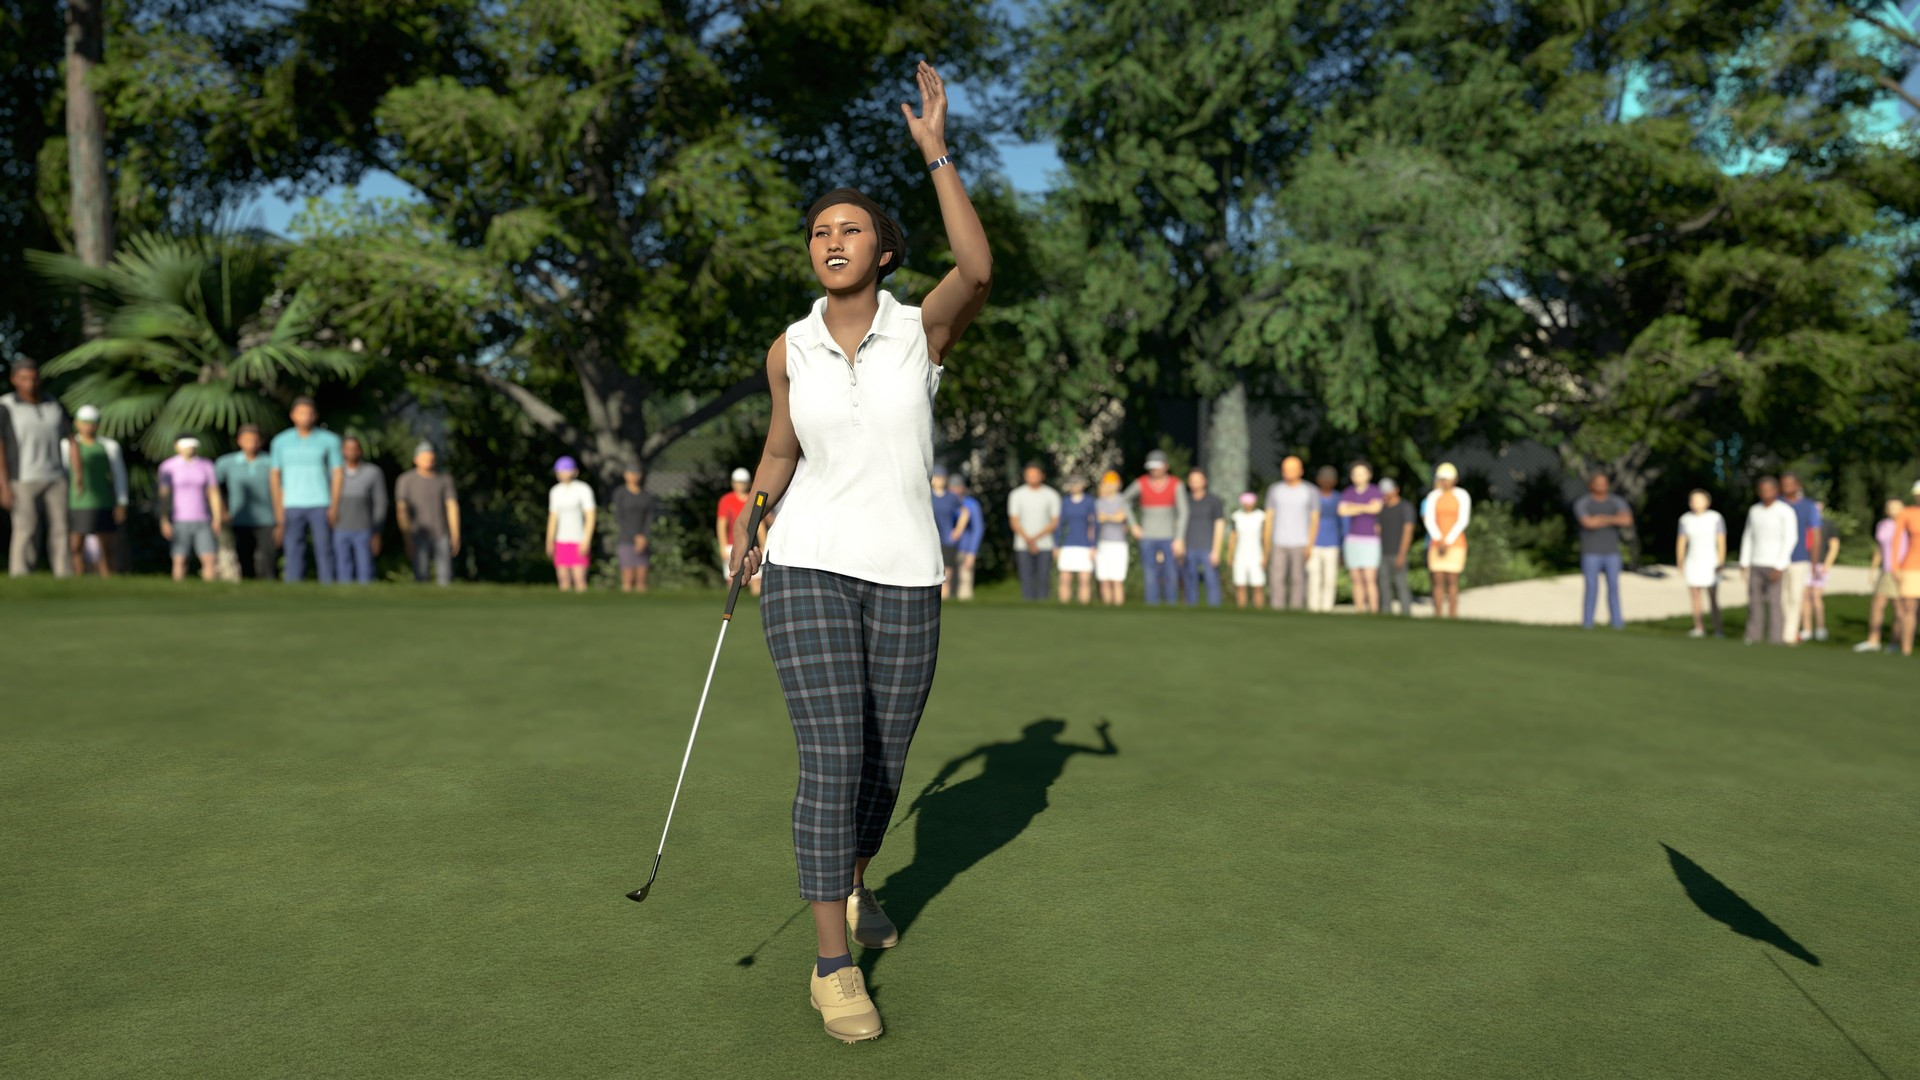 Datând jucătorii de golf online Pariuri pe jucatorii care marcheaza sau nu marcheaza